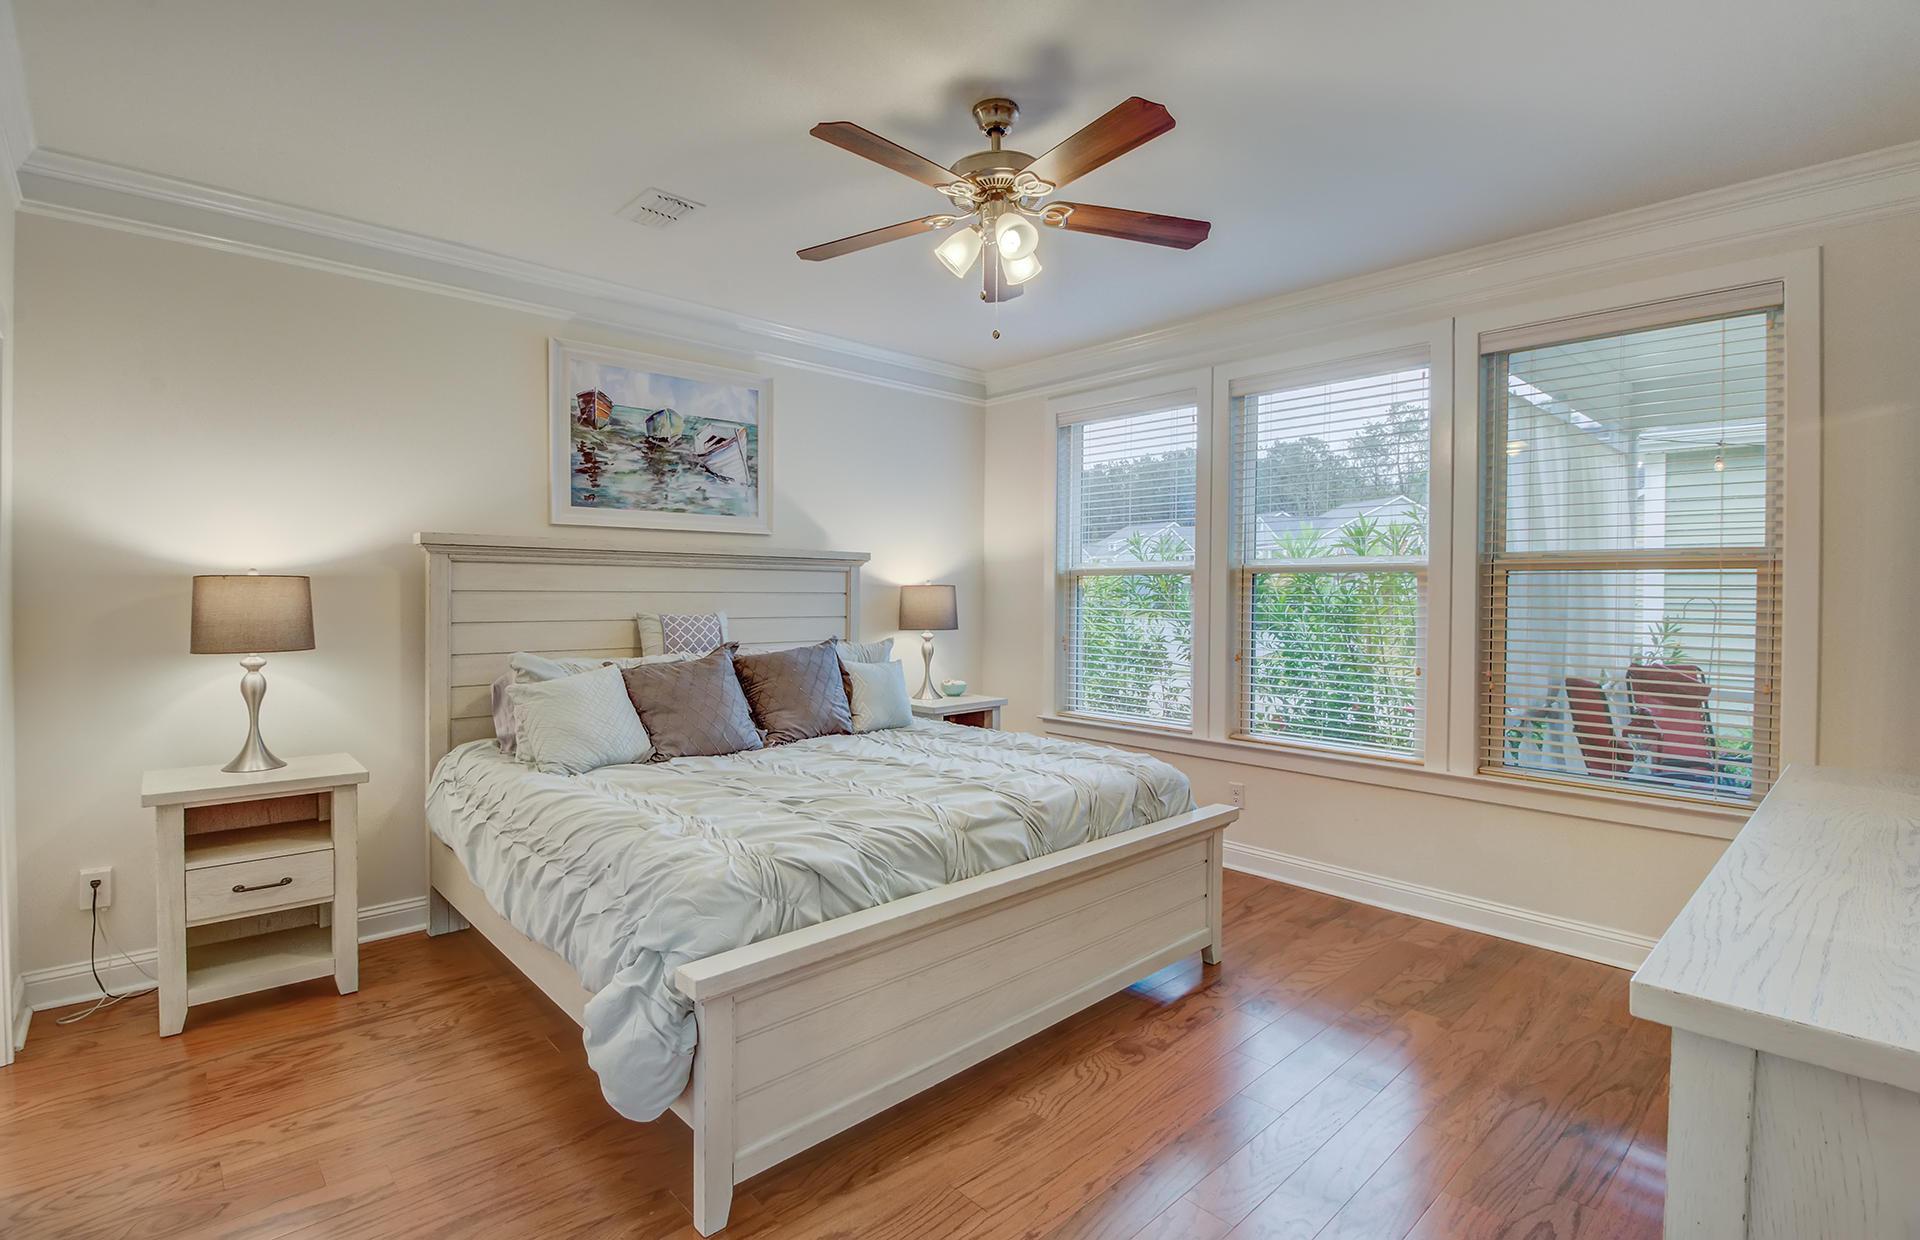 Boltons Landing Homes For Sale - 3143 Moonlight, Charleston, SC - 22